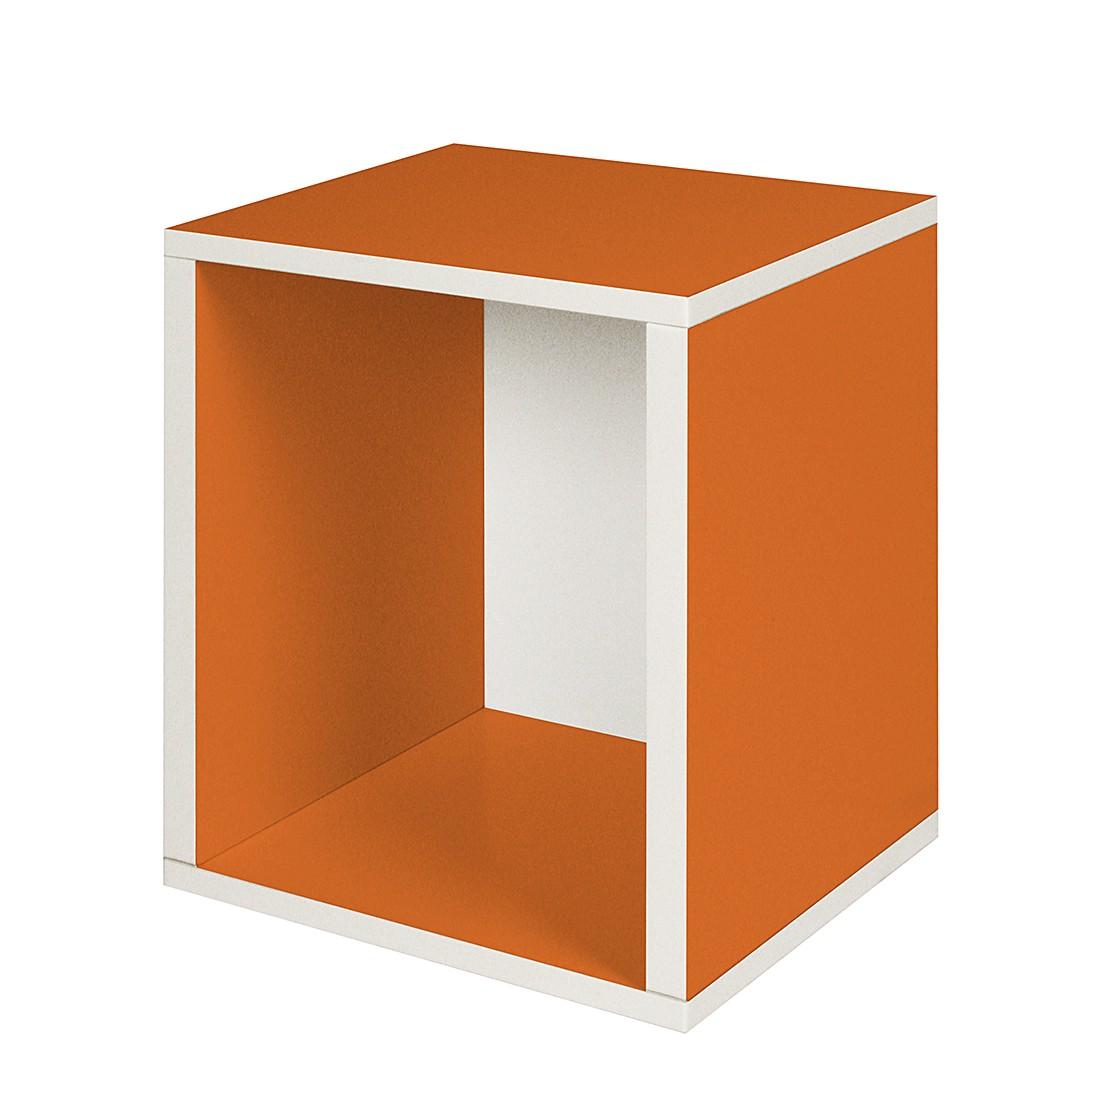 Modulares Schranksystem Cube Plus Orange 2er Set, waybasics günstig kaufen